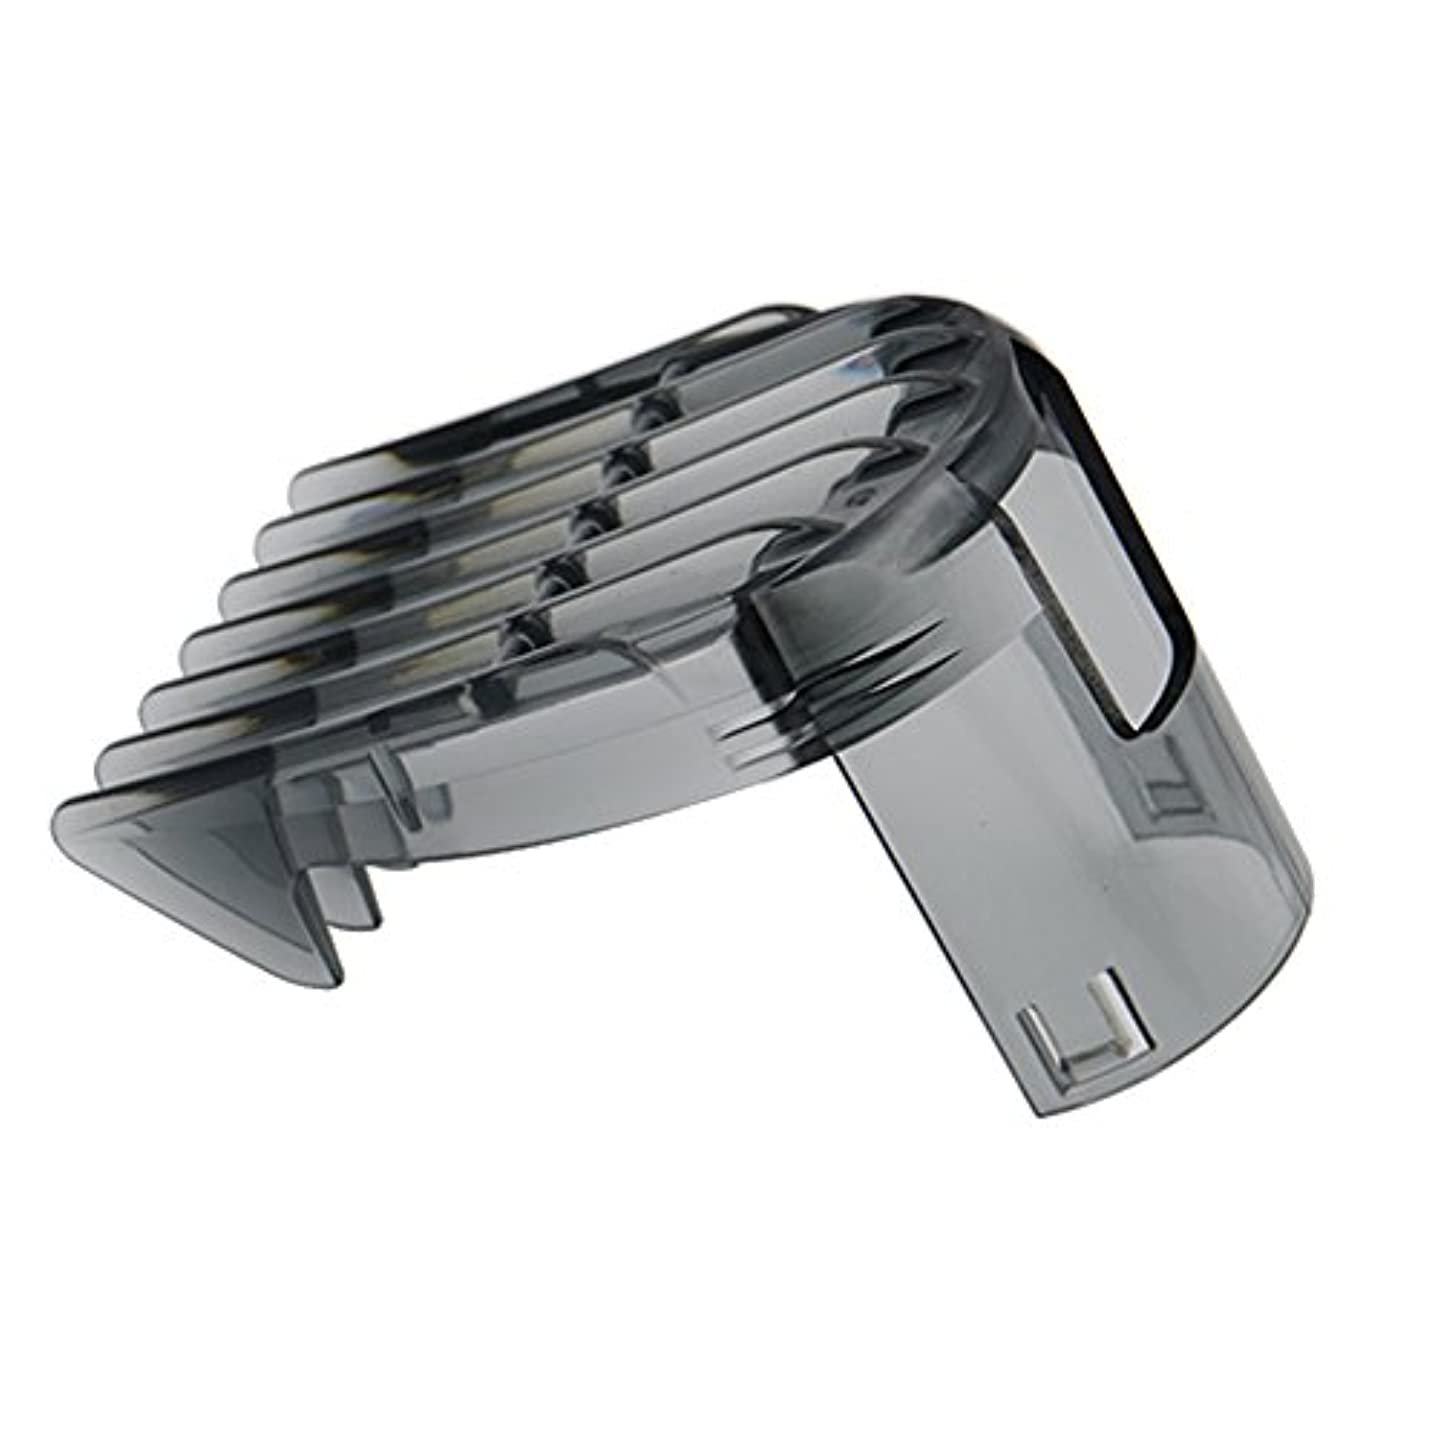 ウォルターカニンガム加入依存する電動バリカン 交換部品 適用 フィリップス バリカン QC5510 QC5530 QC5550 QC5560 QC5570 QC5580のための3-15mmのバリカンのくしのアタッチメントのクリッパー 髪の櫛カット3-15...